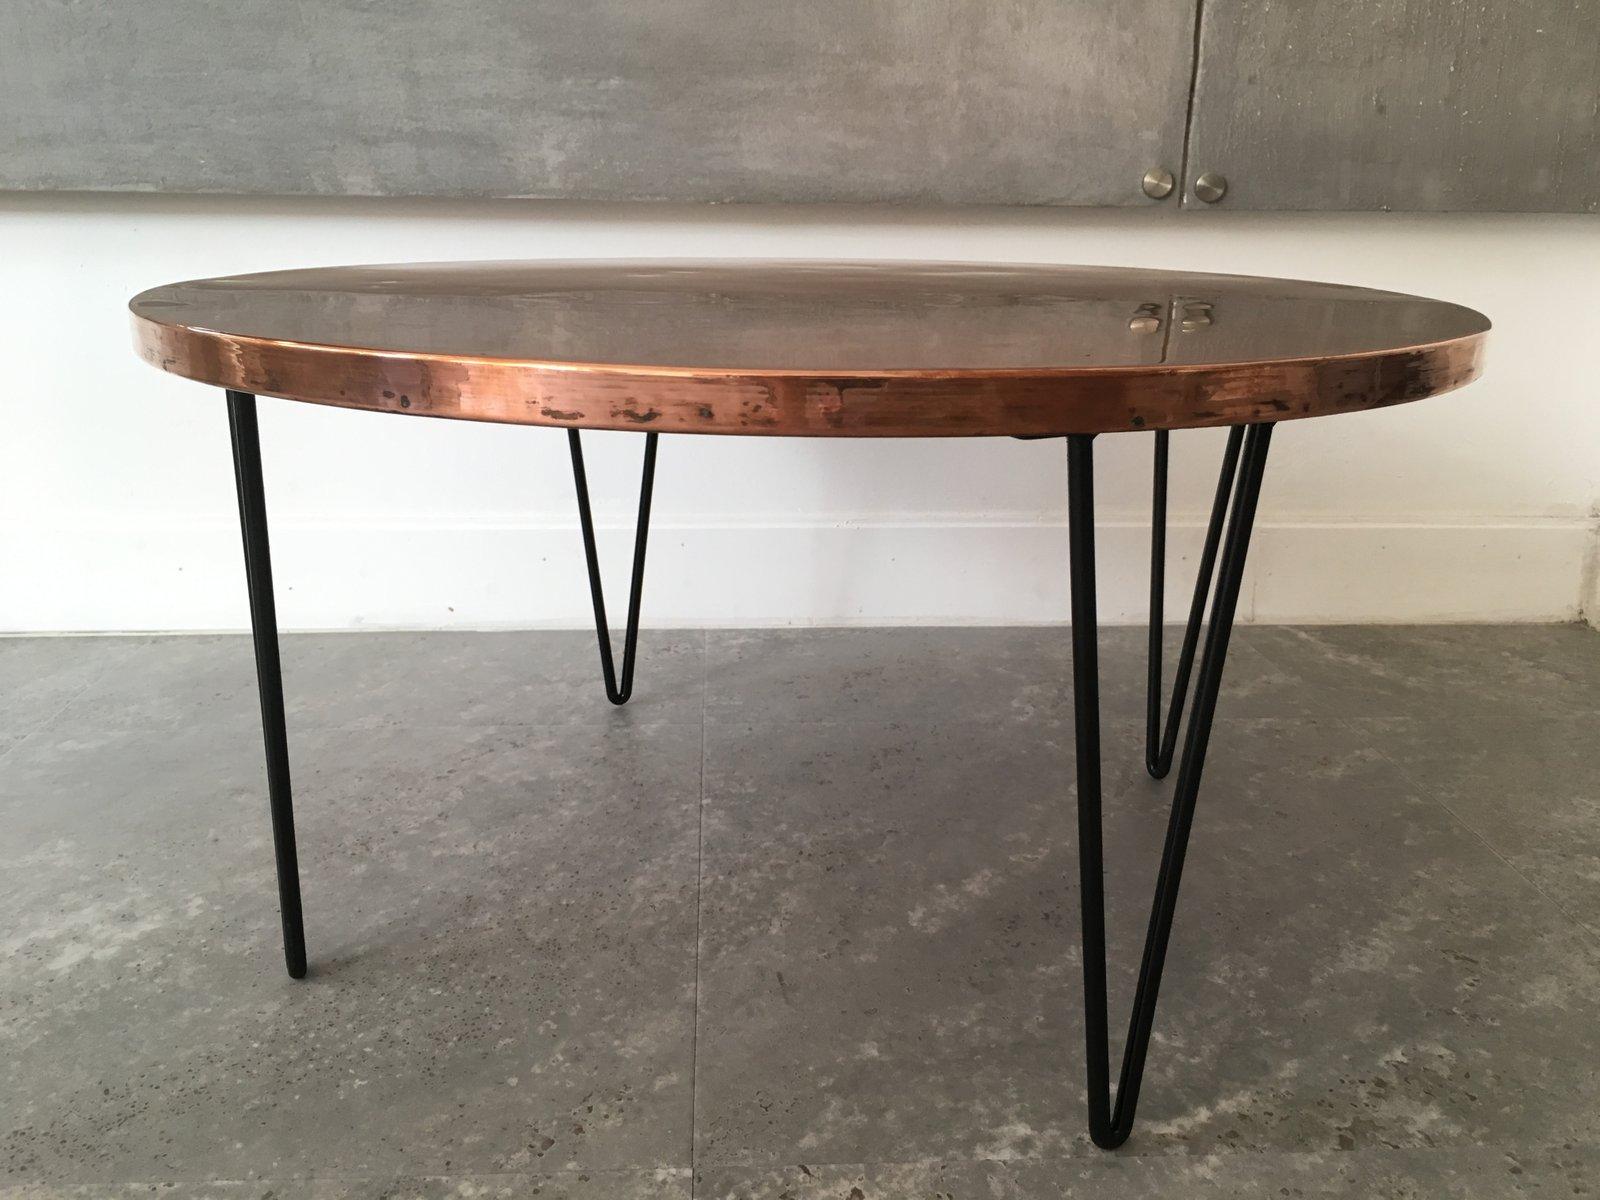 runder vintage tisch aus geh mmertem kupfer cafe konrad vib. Black Bedroom Furniture Sets. Home Design Ideas